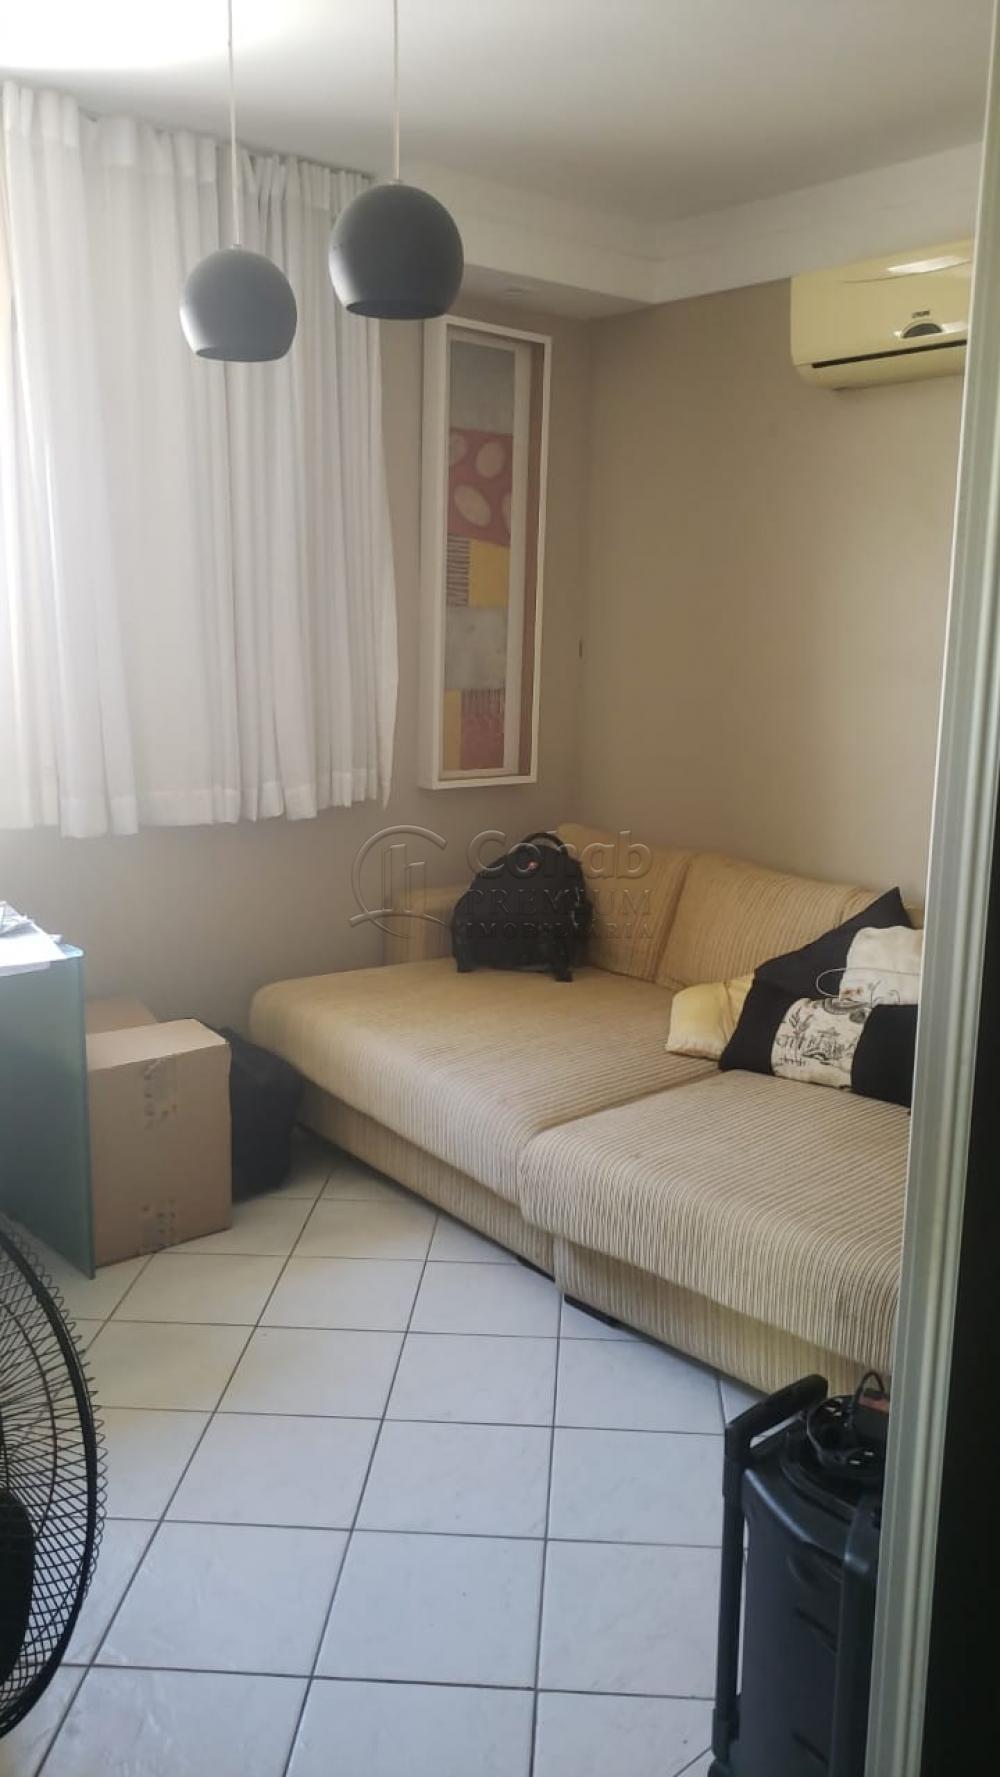 Comprar Casa / Condomínio em Aracaju apenas R$ 430.000,00 - Foto 2